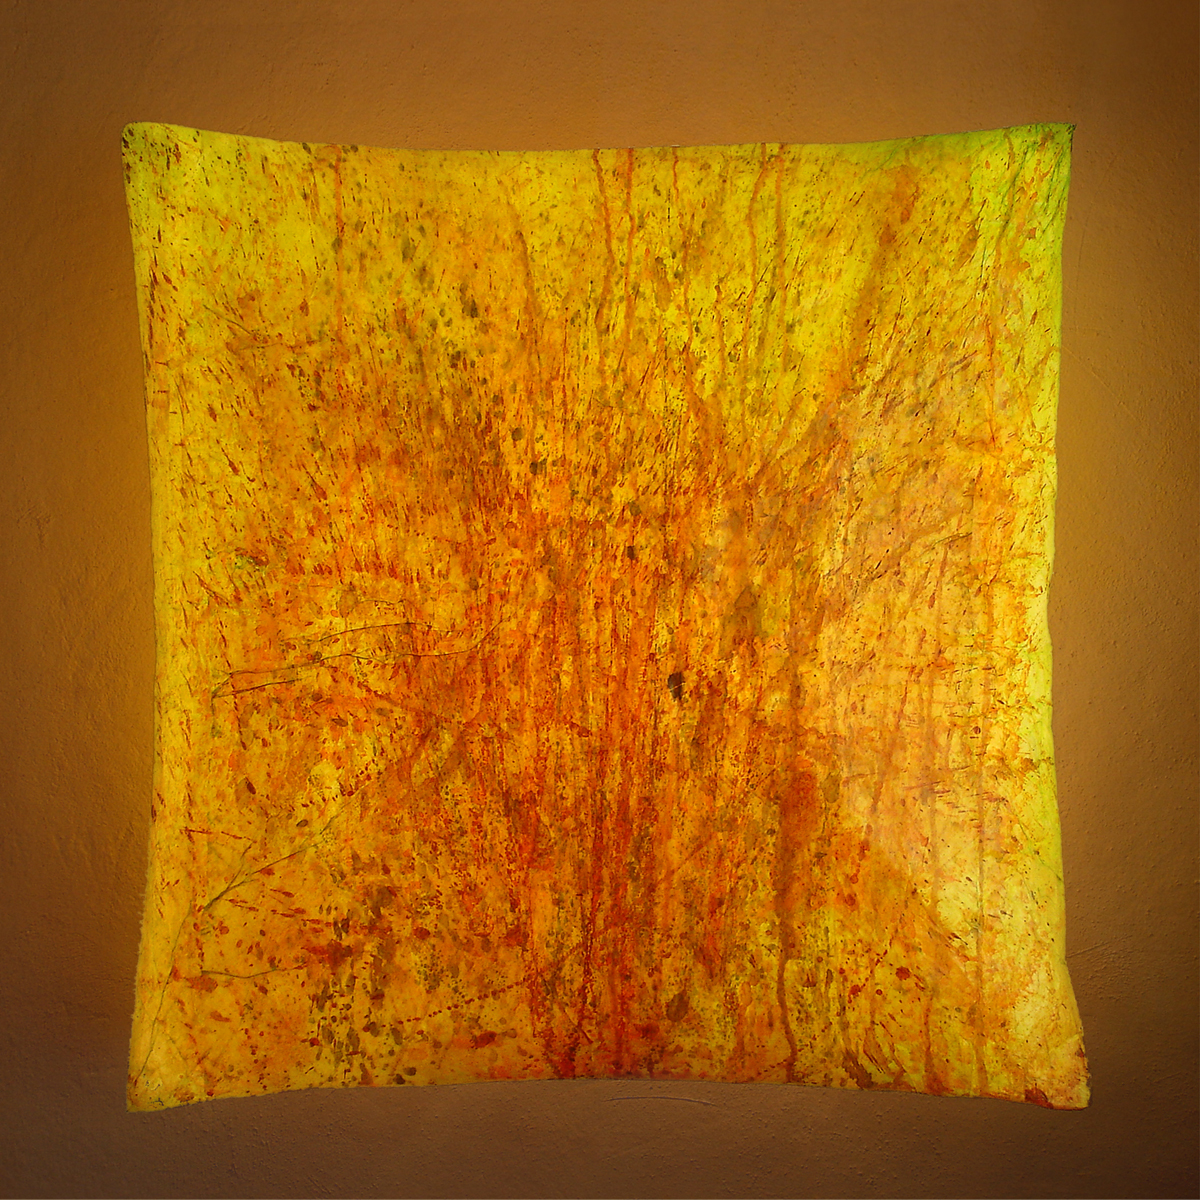 kissen-gelb-dunkler-hintergrund-kopie